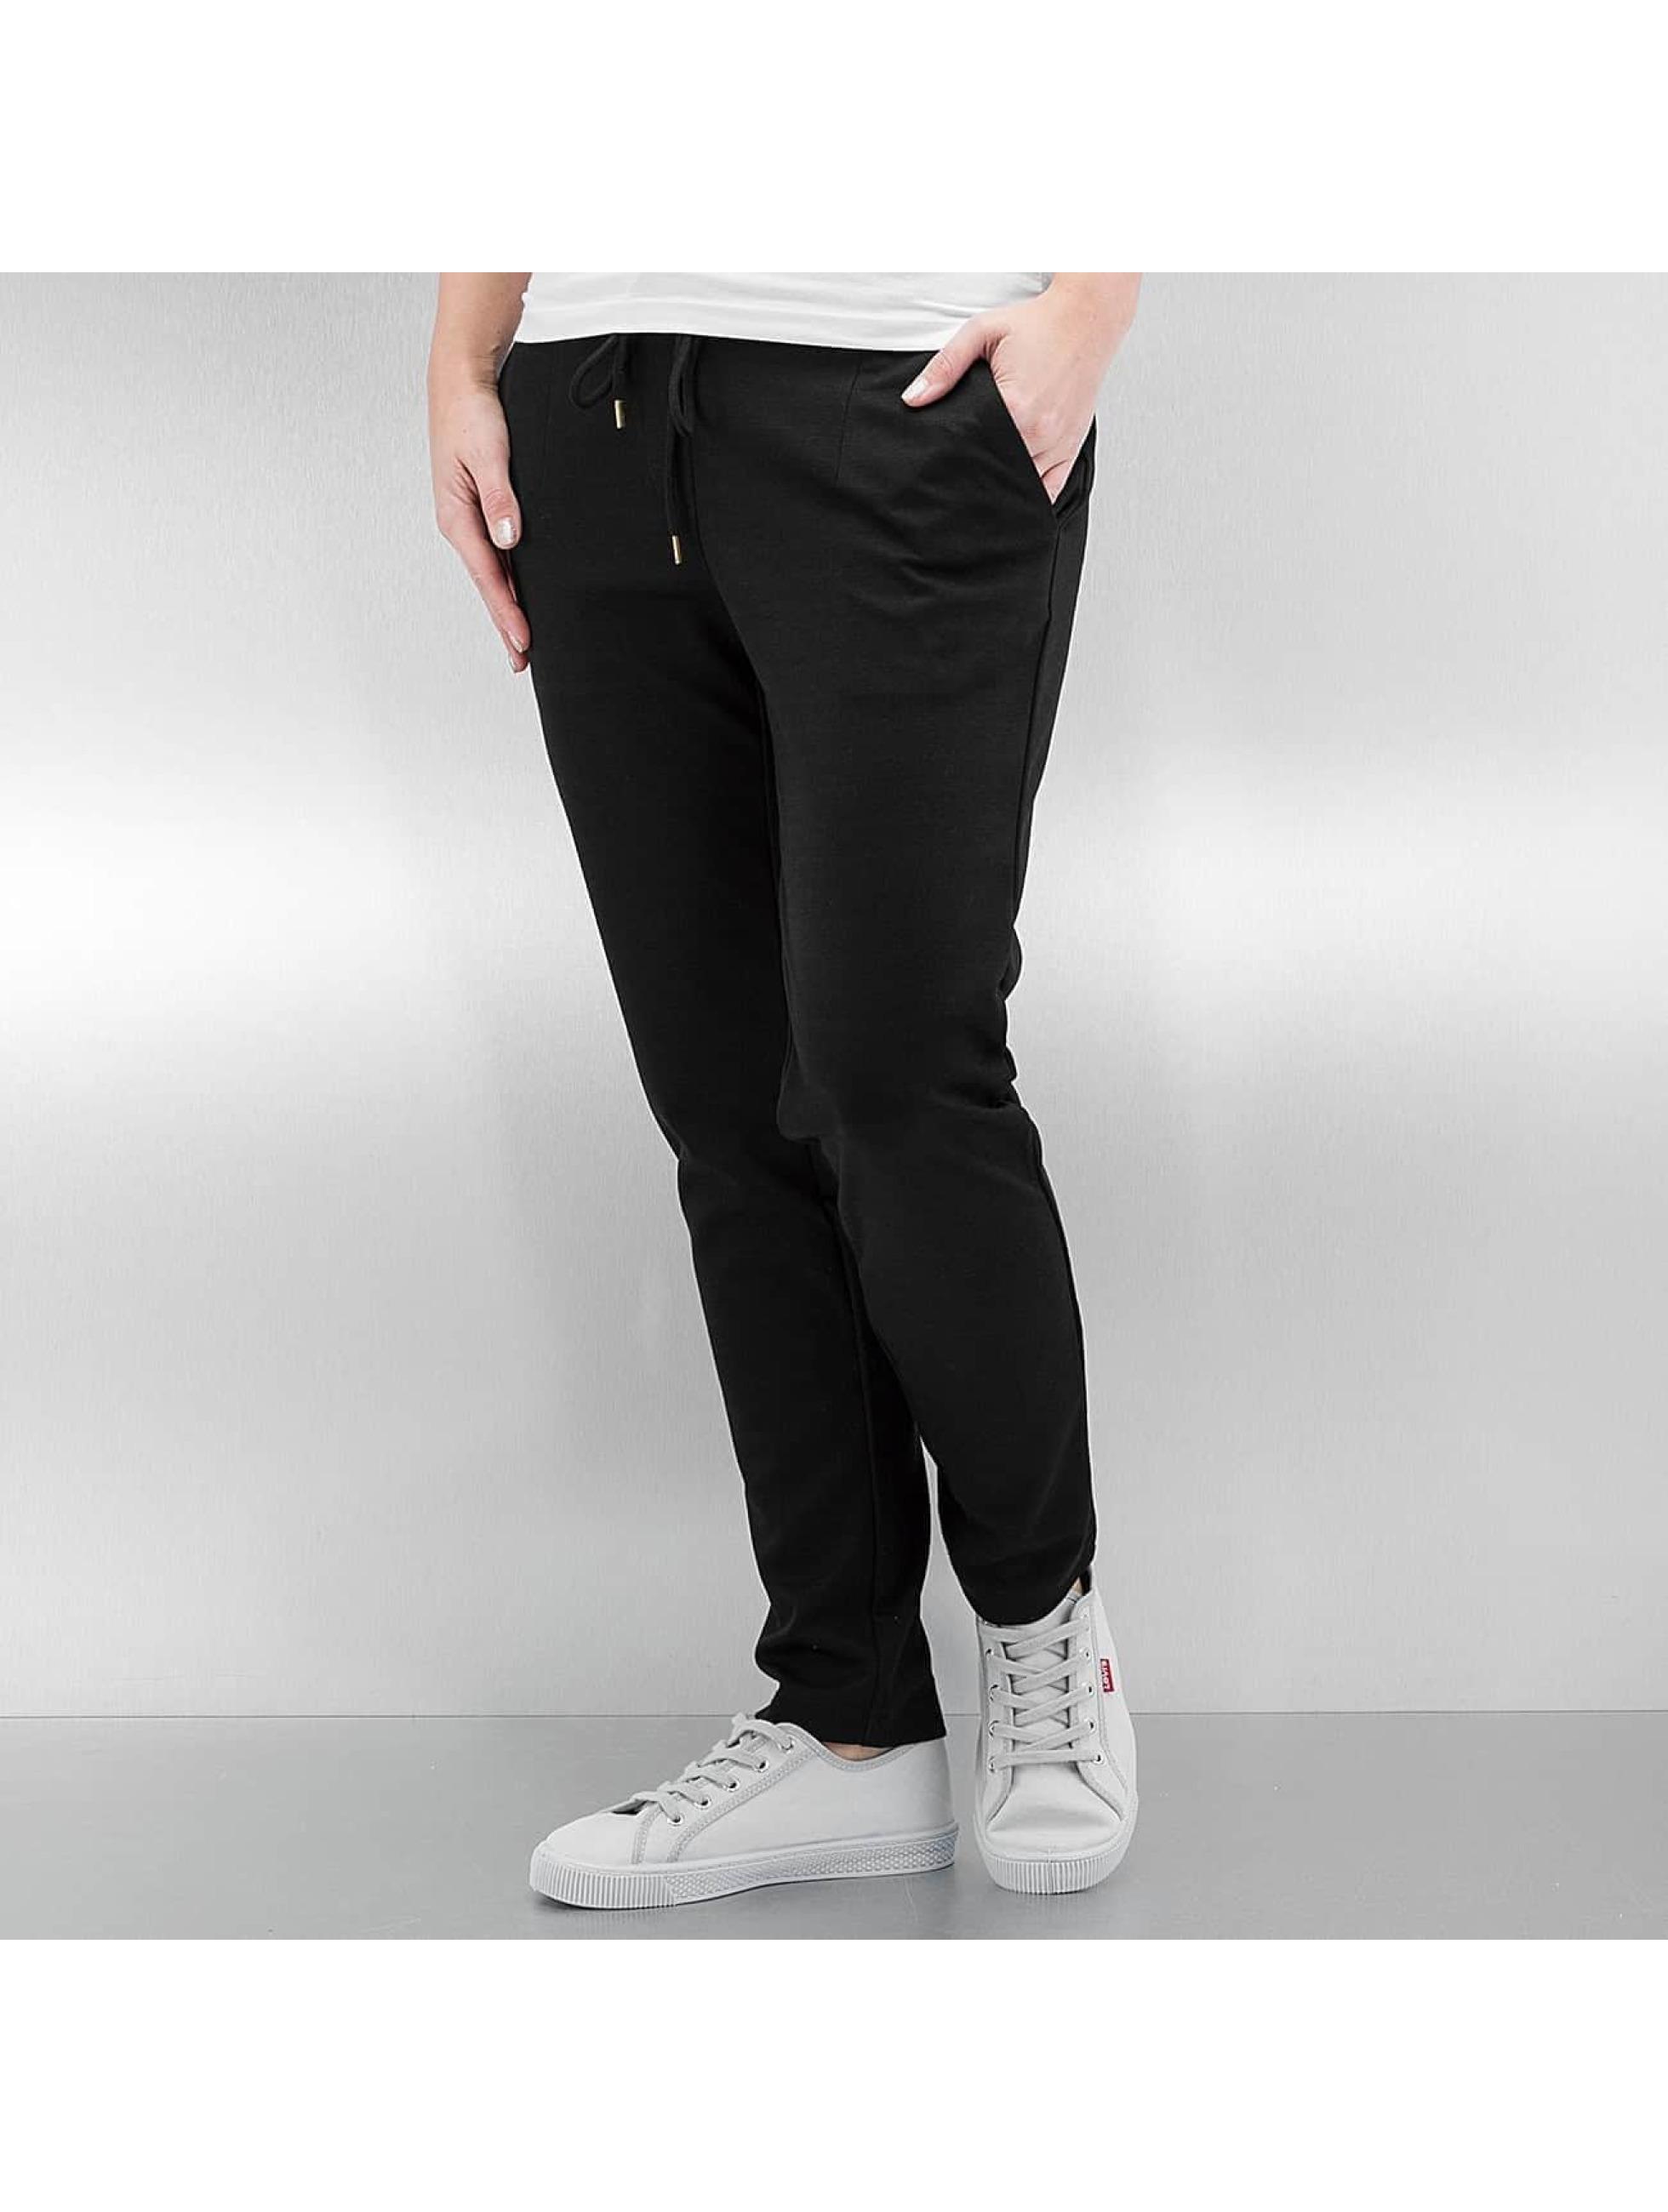 Vero Moda Joggebukser vmCassy Ancle svart